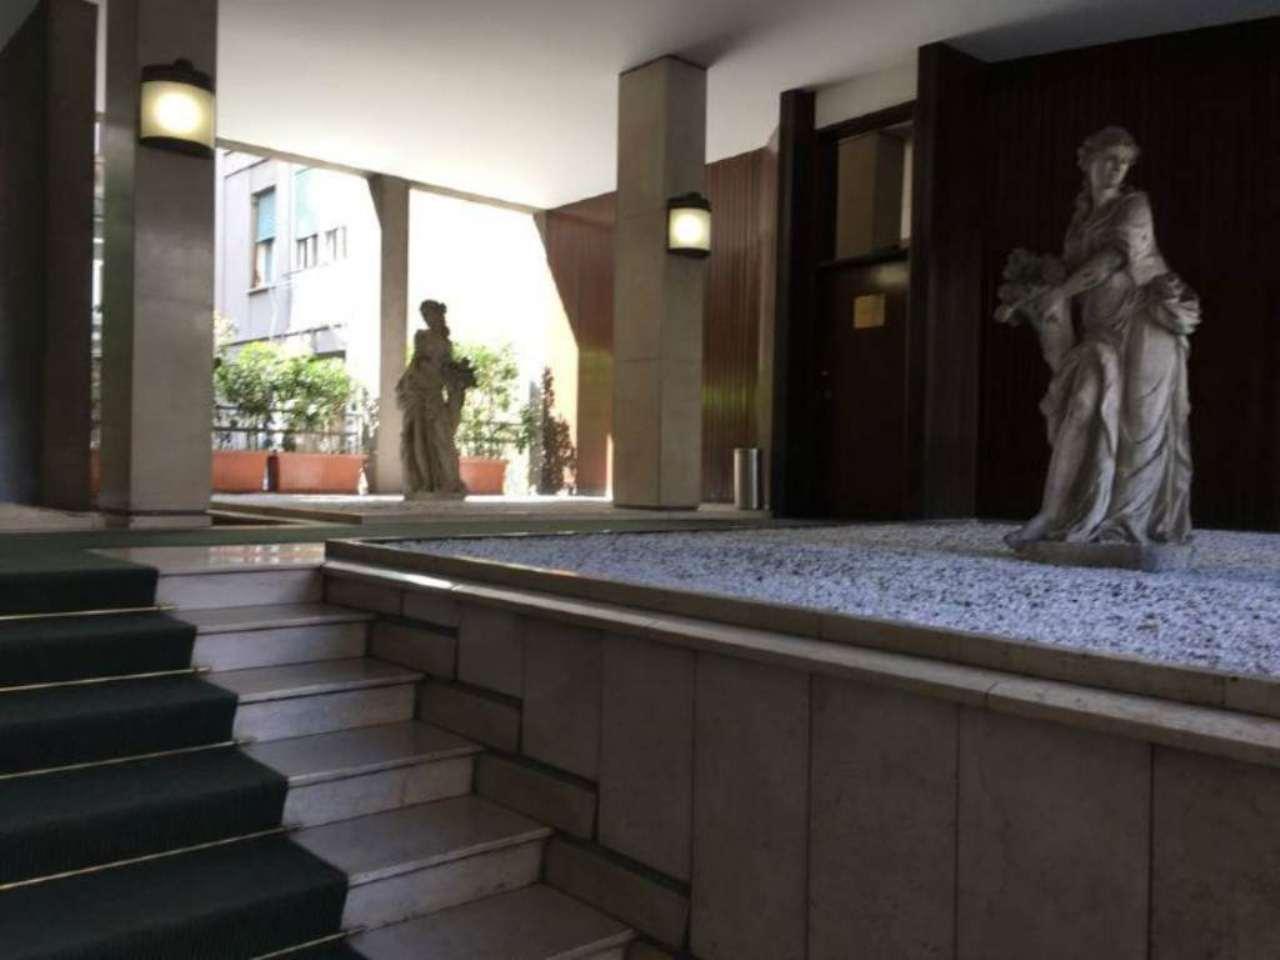 Appartamento in vendita a Milano, 2 locali, zona Zona: 1 . Centro Storico, Duomo, Brera, Cadorna, Cattolica, prezzo € 880.000 | Cambio Casa.it